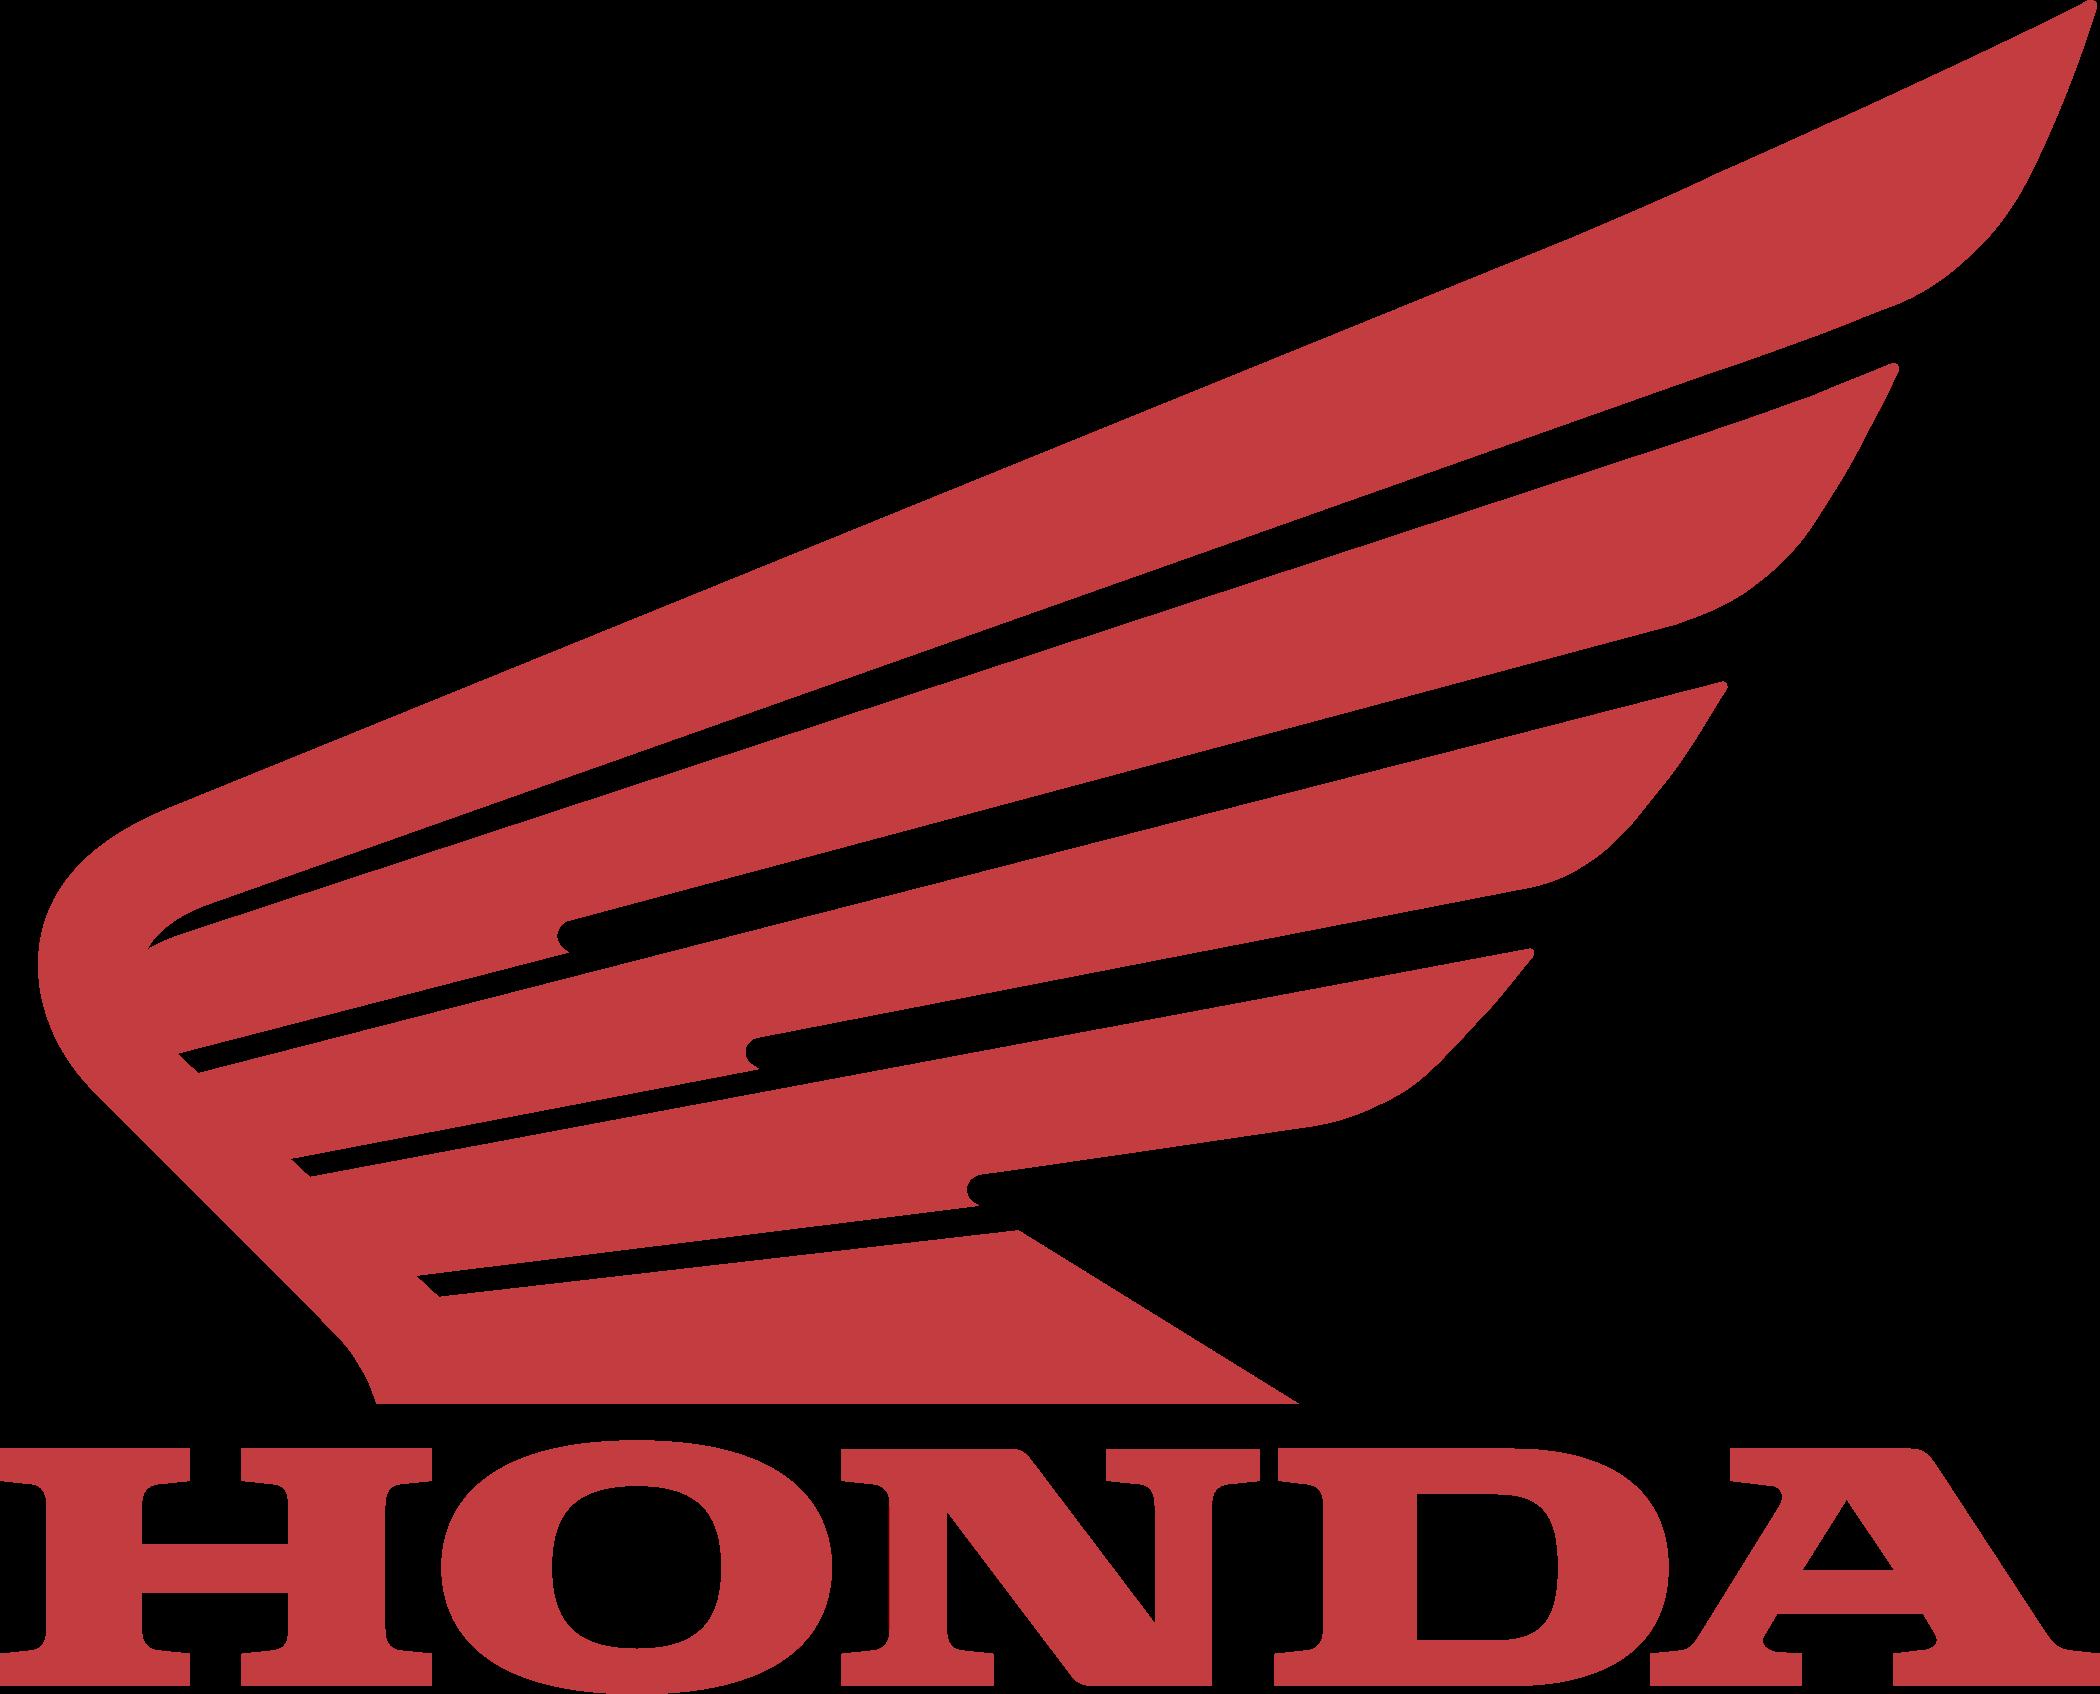 honda motos logo 7 - Honda Motos Logo